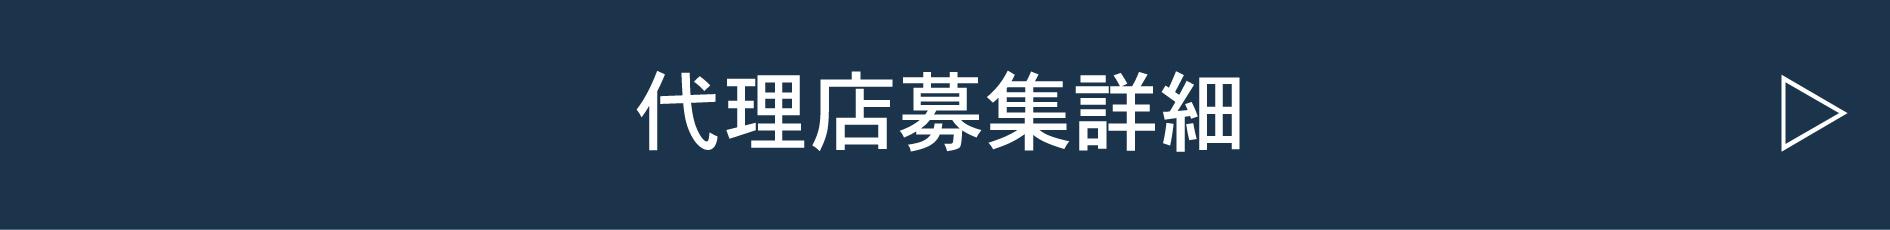 代理店募集詳細.JPG